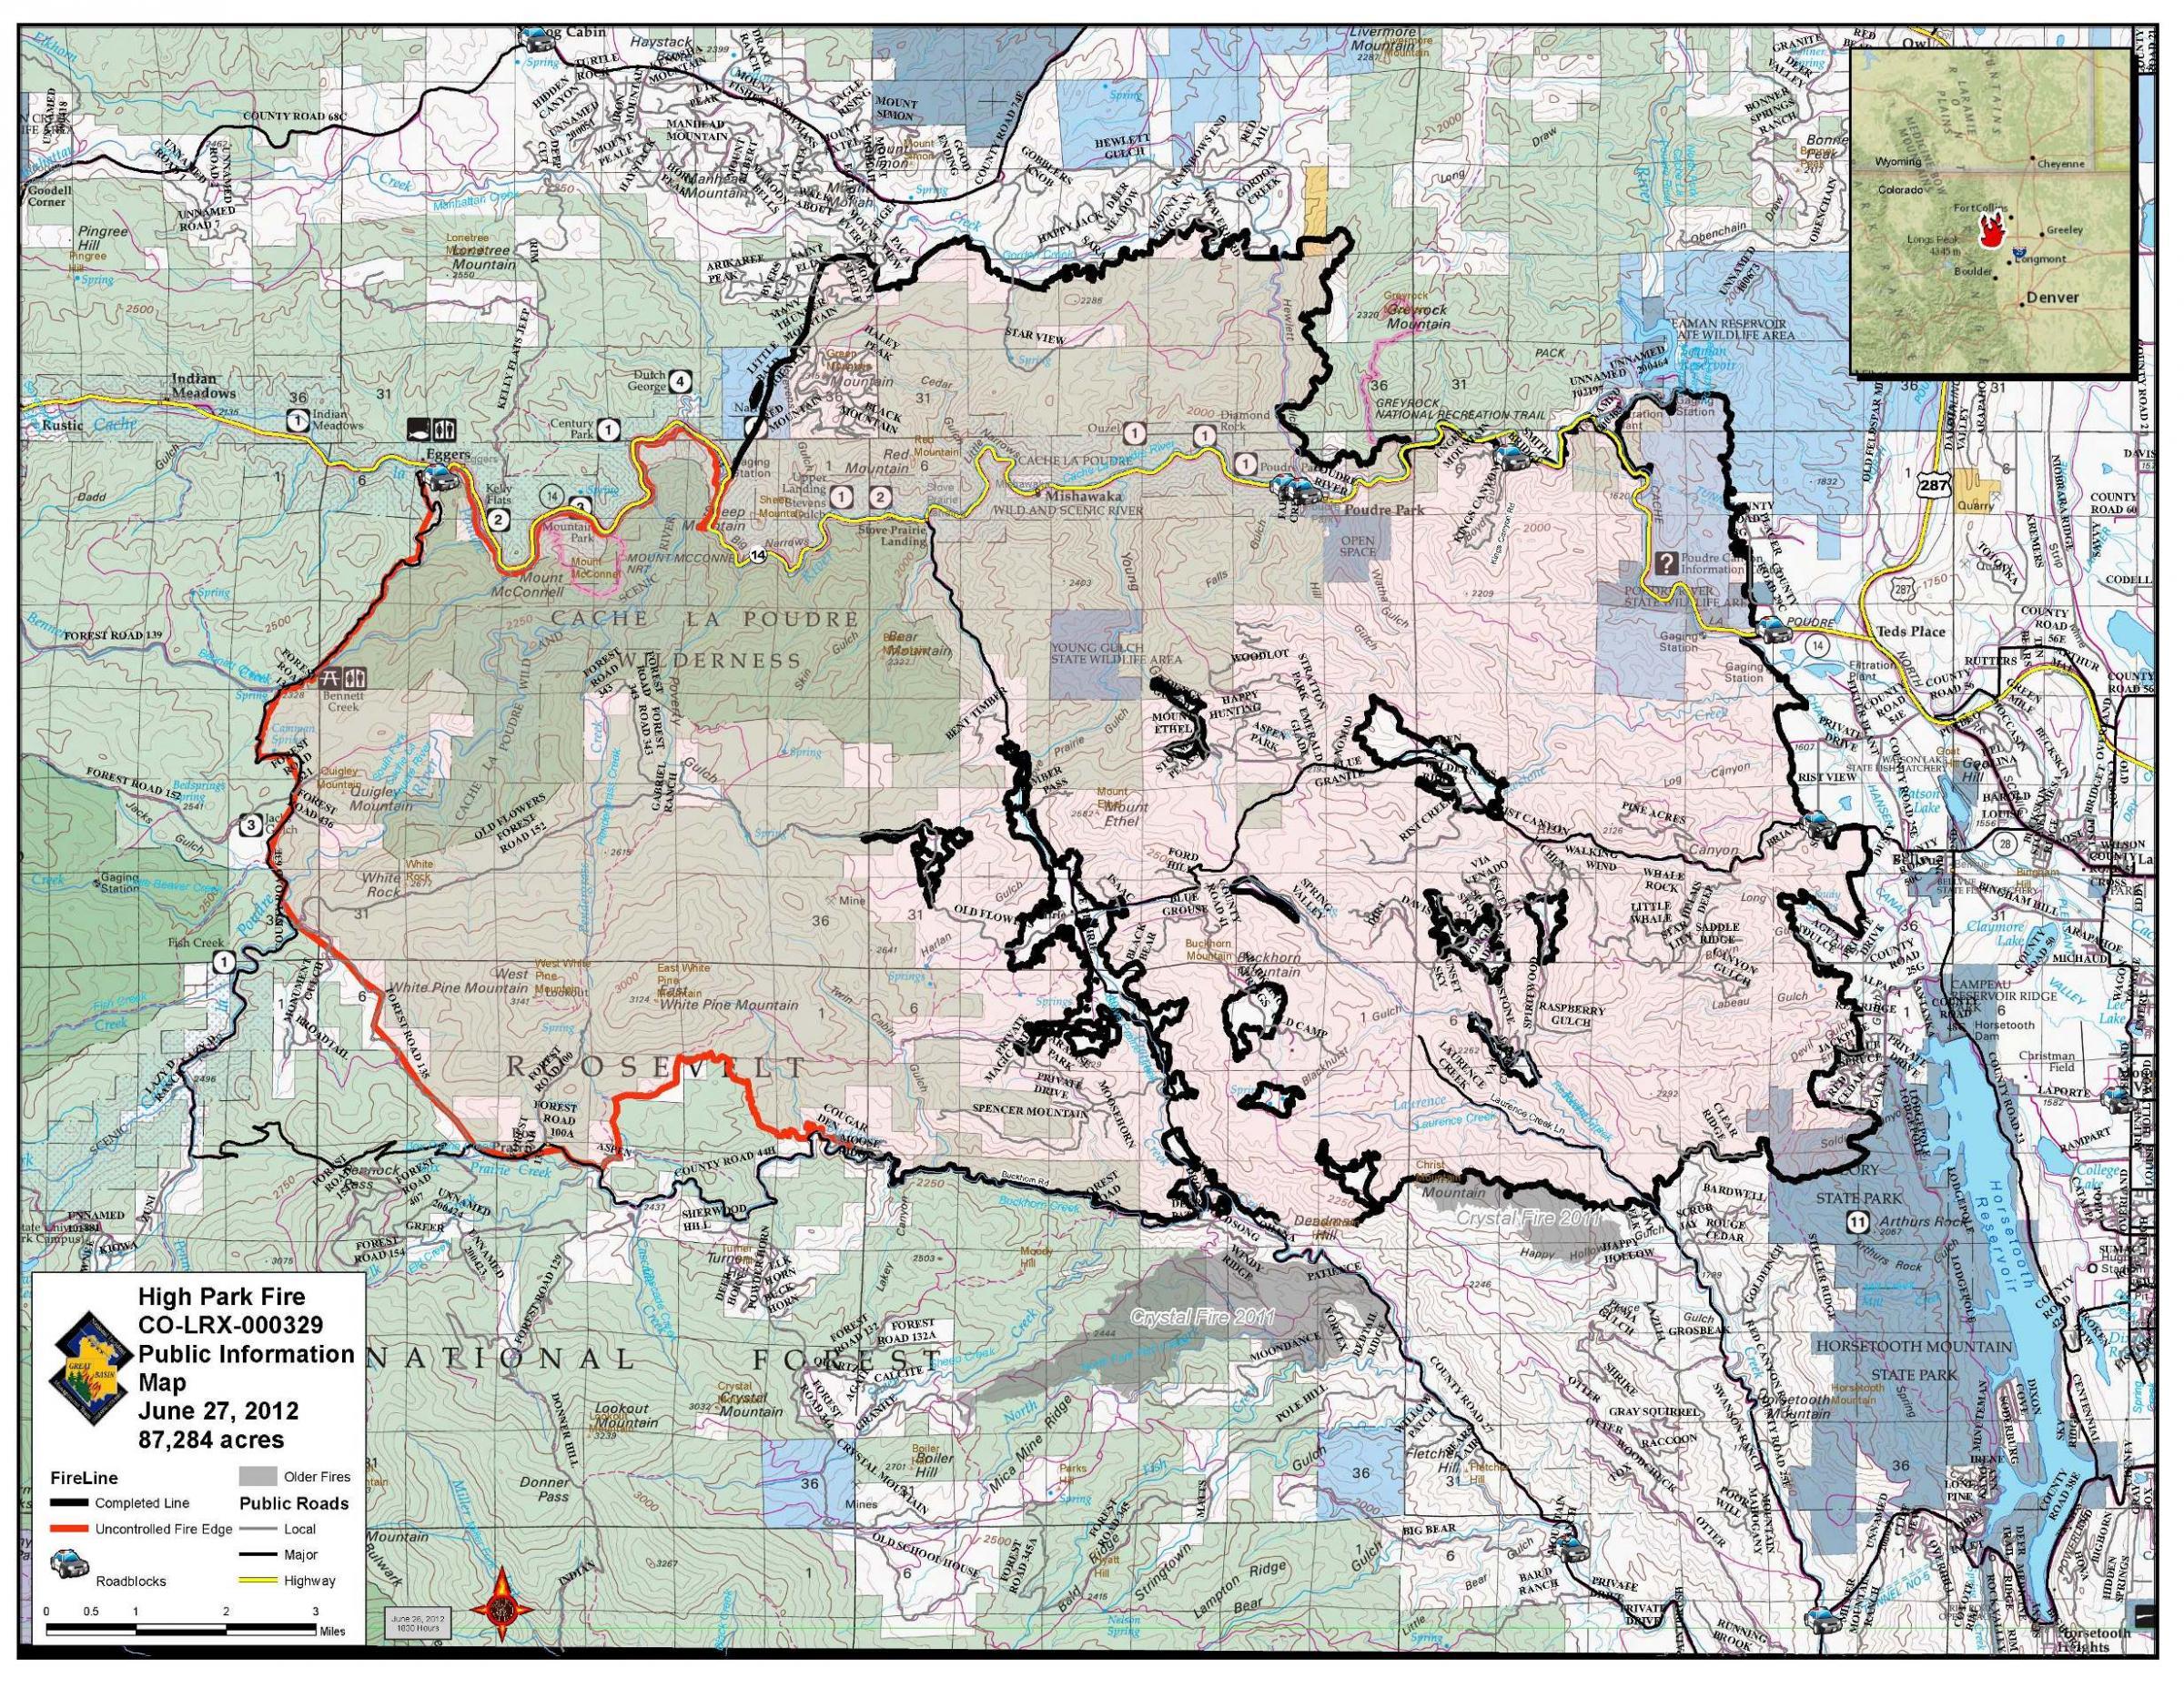 High Park Fire Map.High Park Fire Crews Make Progress Fire 75 Contained Updated Kunc